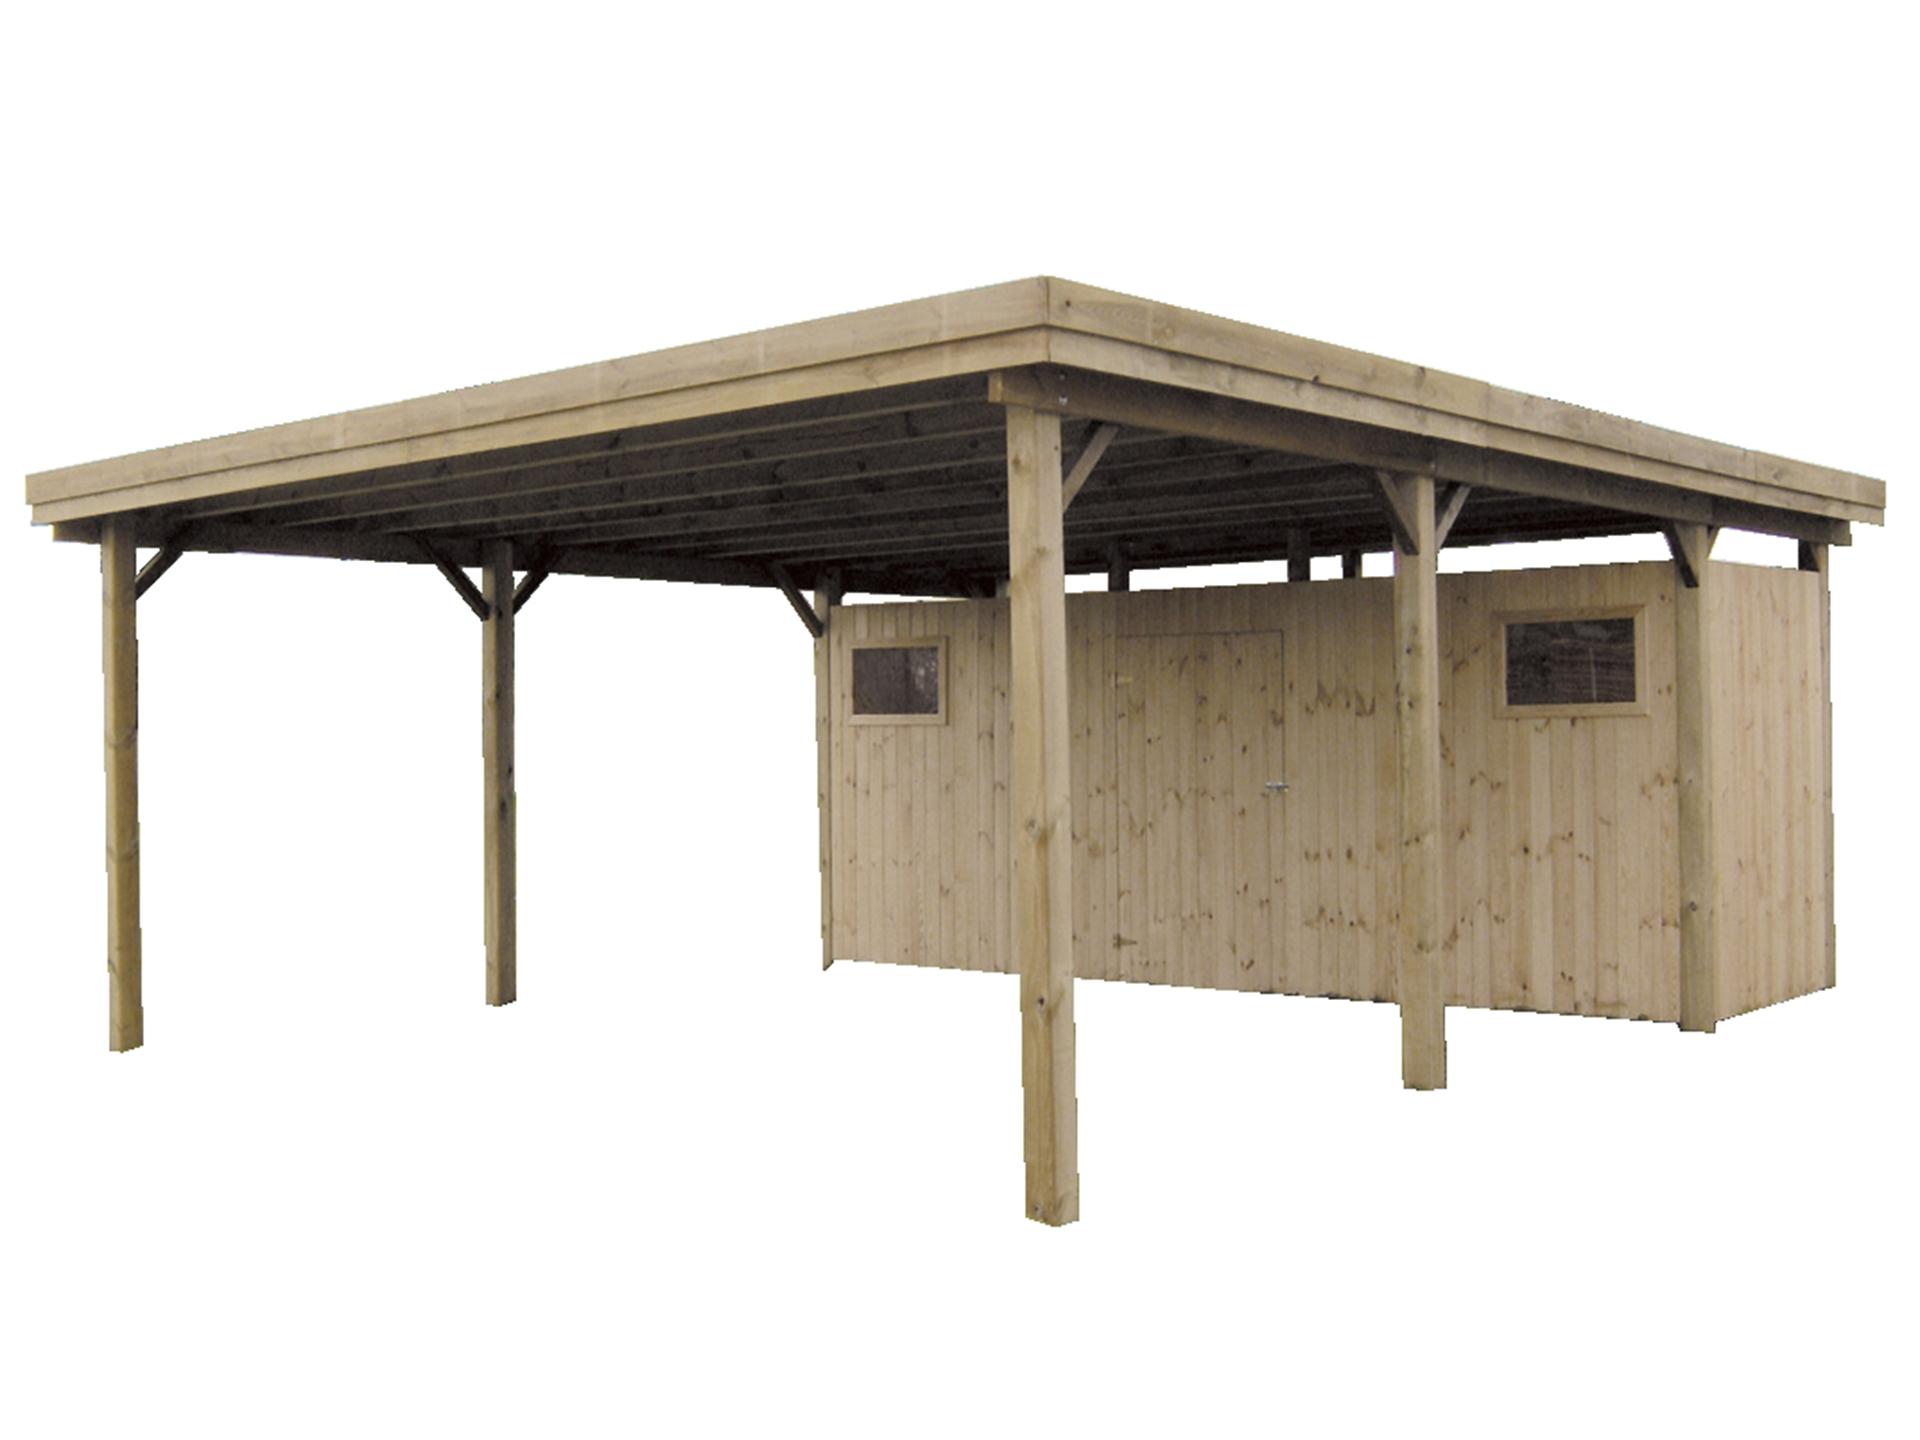 belle carport brico depot id es de salon de jardin. Black Bedroom Furniture Sets. Home Design Ideas